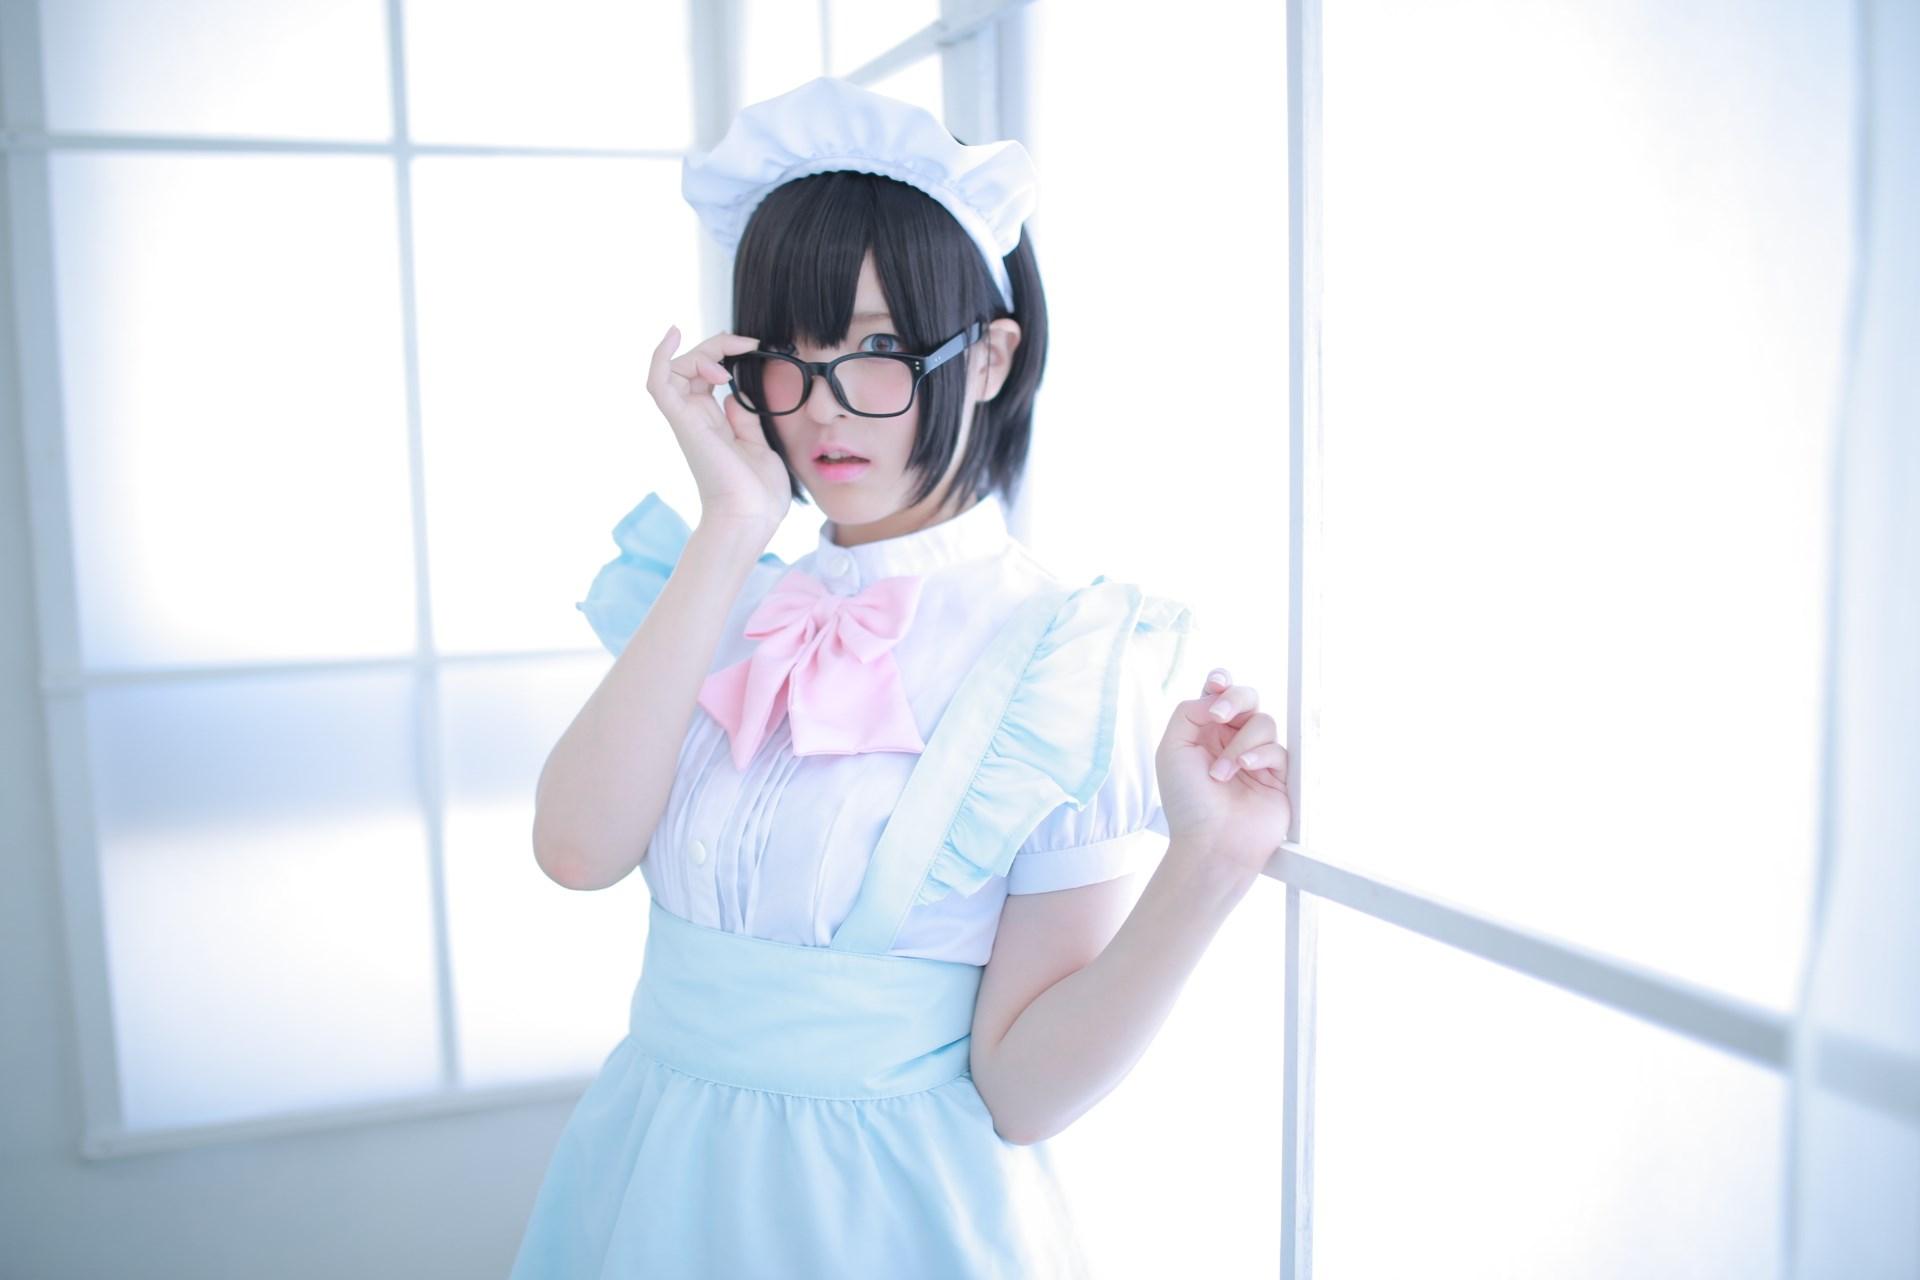 【兔玩映画】眼镜女仆 兔玩映画 第53张